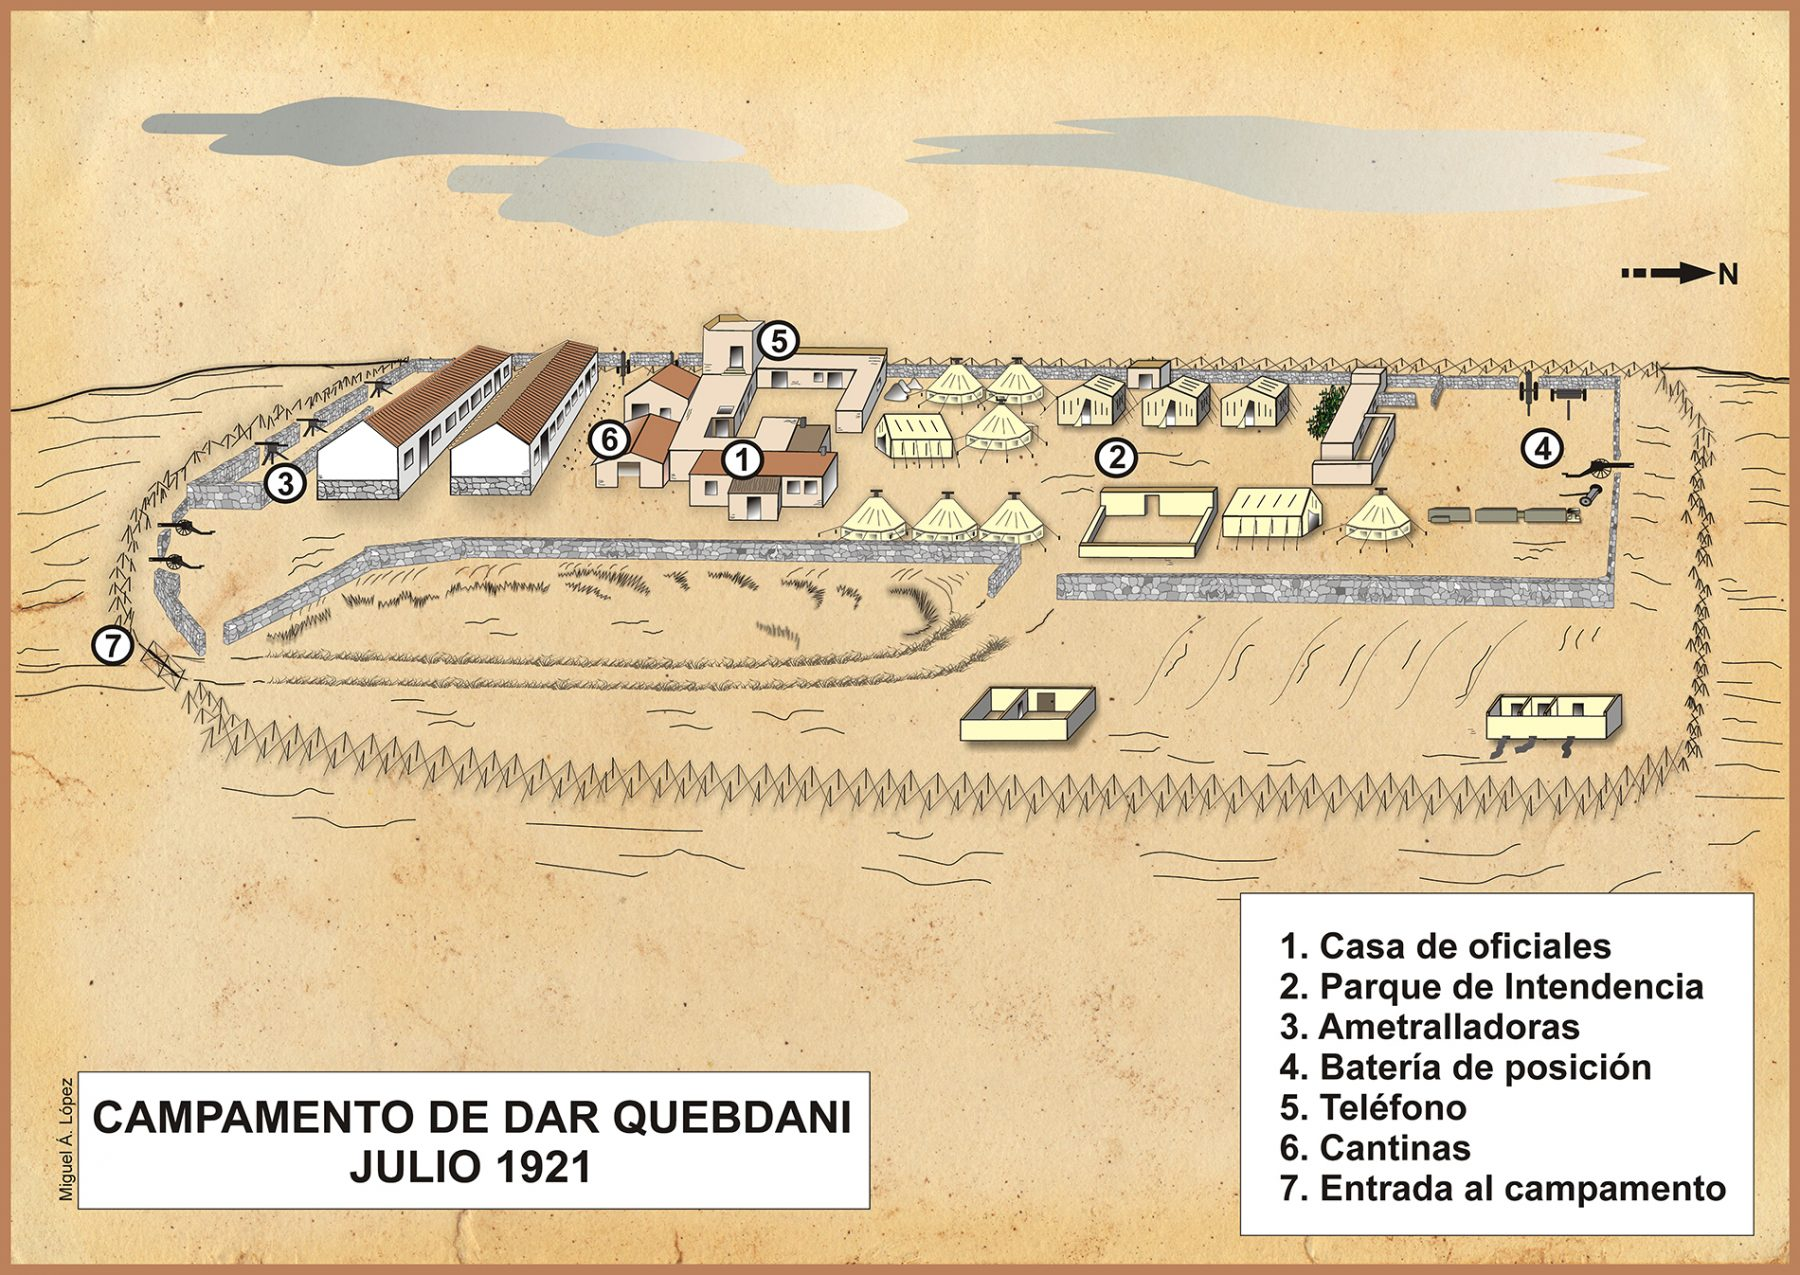 Mapa que muestra el campamento de Dar Quebdani